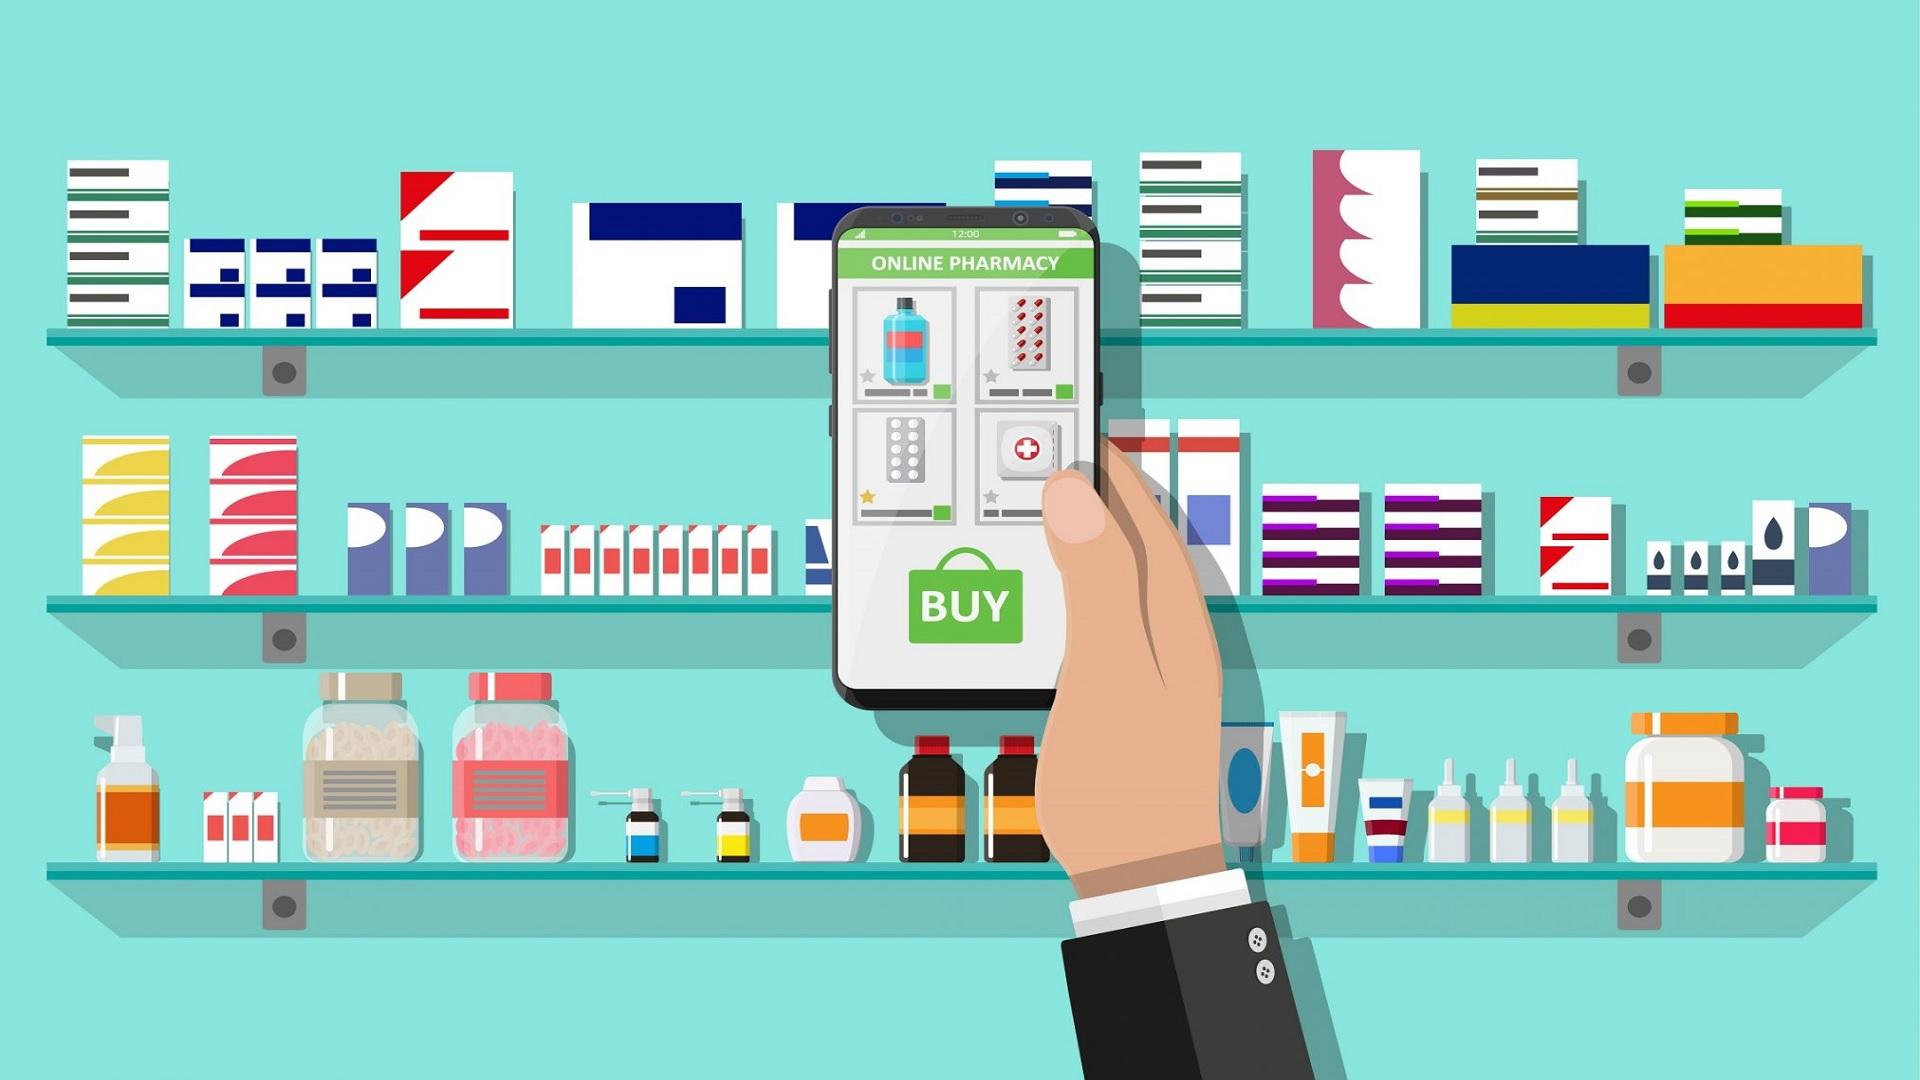 Άνοδο στο ψηφιακό φαρμακείο έφερε η πανδημία